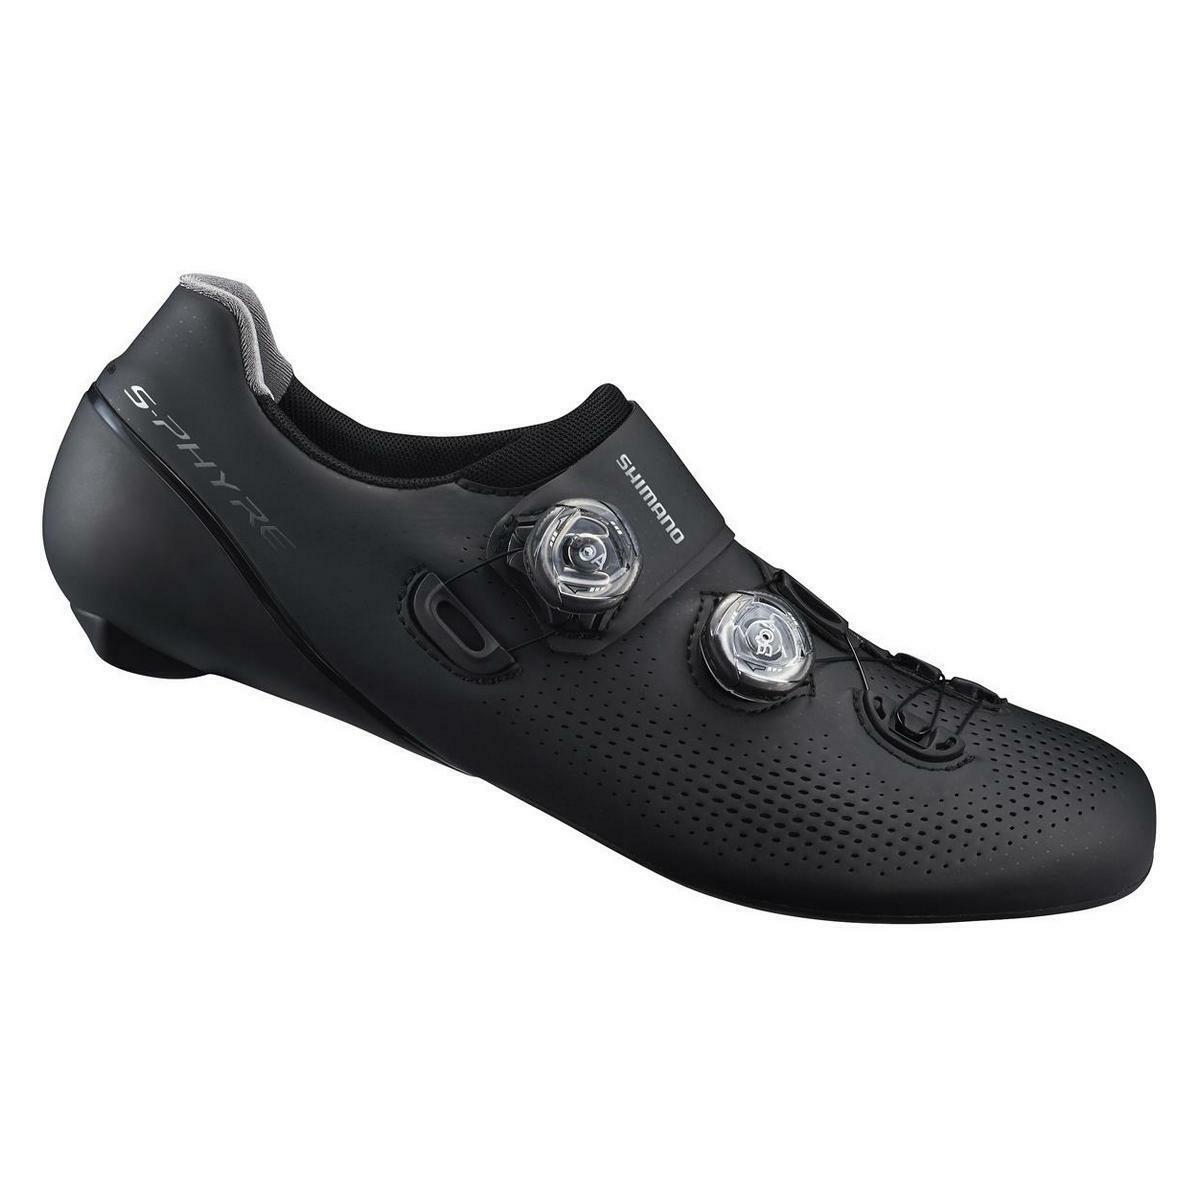 scarpe strada s-phyre rc9 sh-rc901el wide size nero SHIMANO scarpe bici